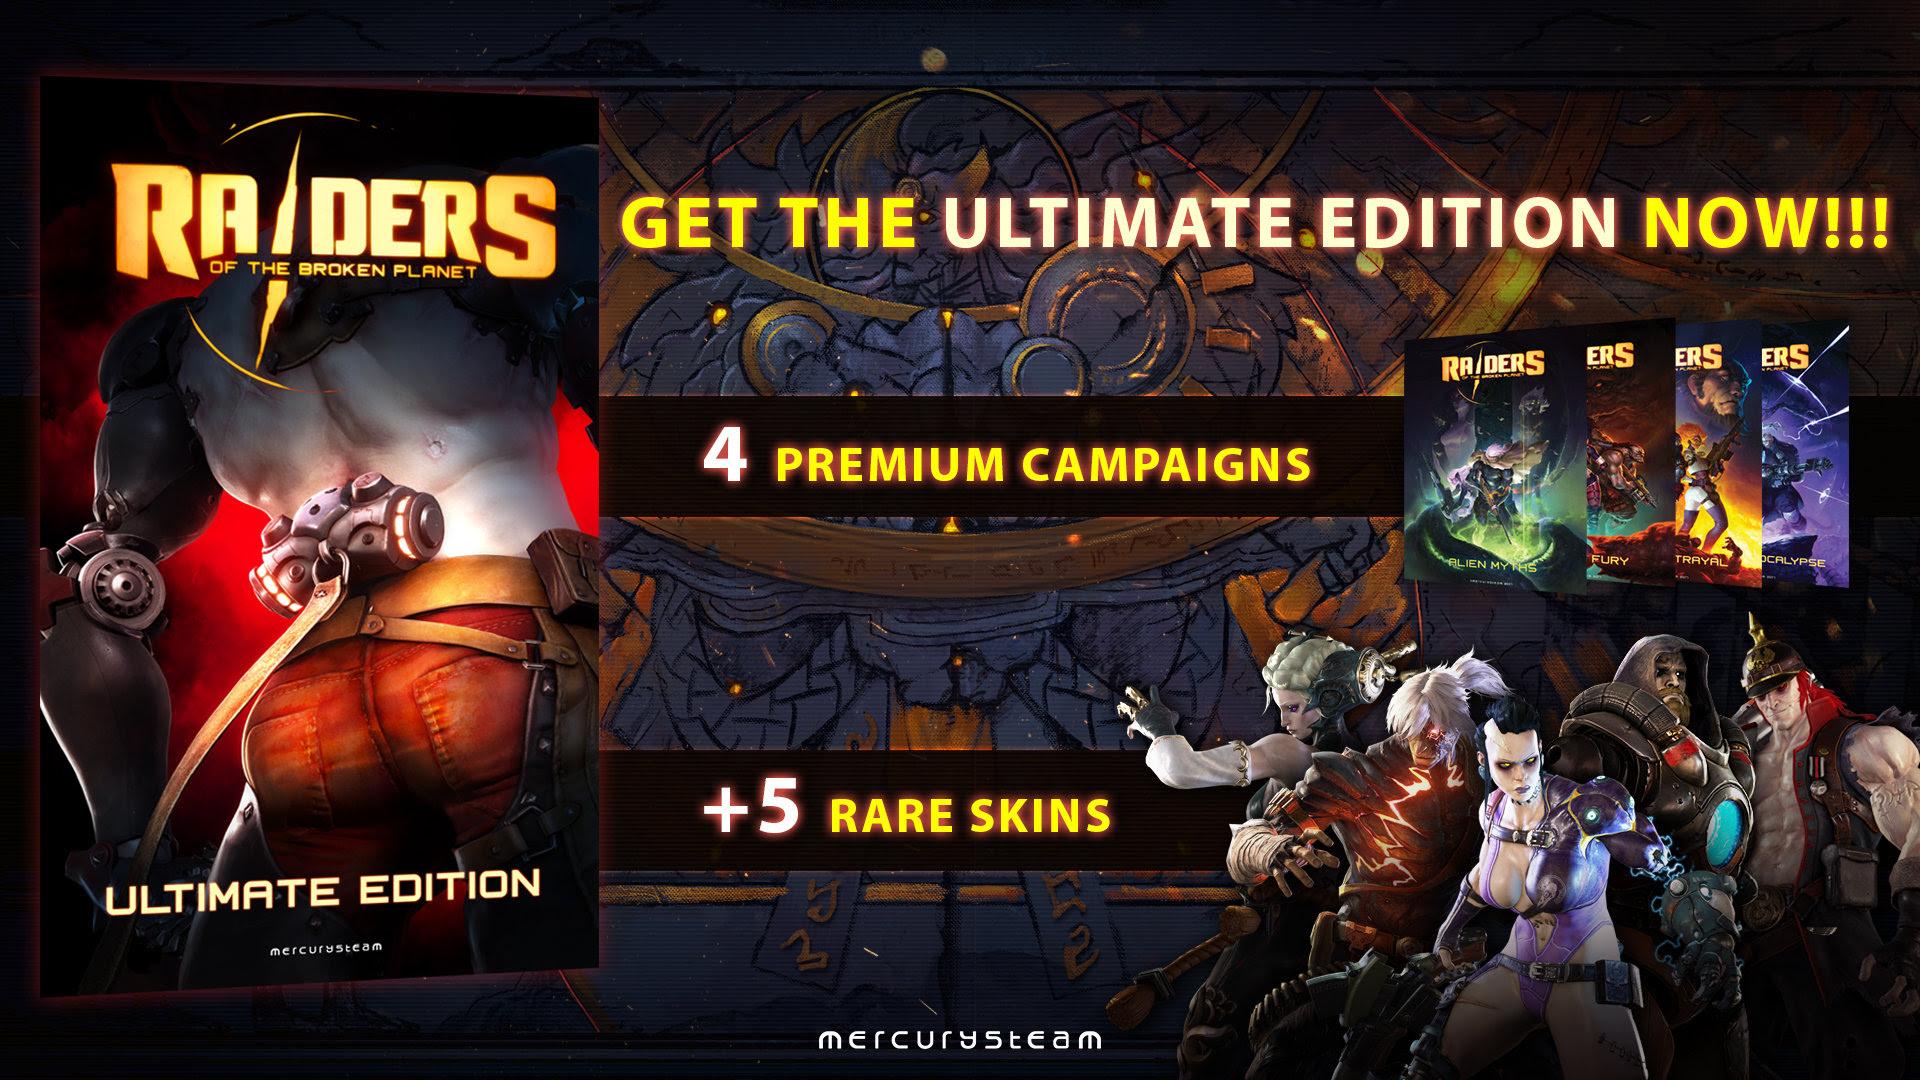 Ya disponible en PS4 la Ultimate Edition de Raiders of the Broken Planet